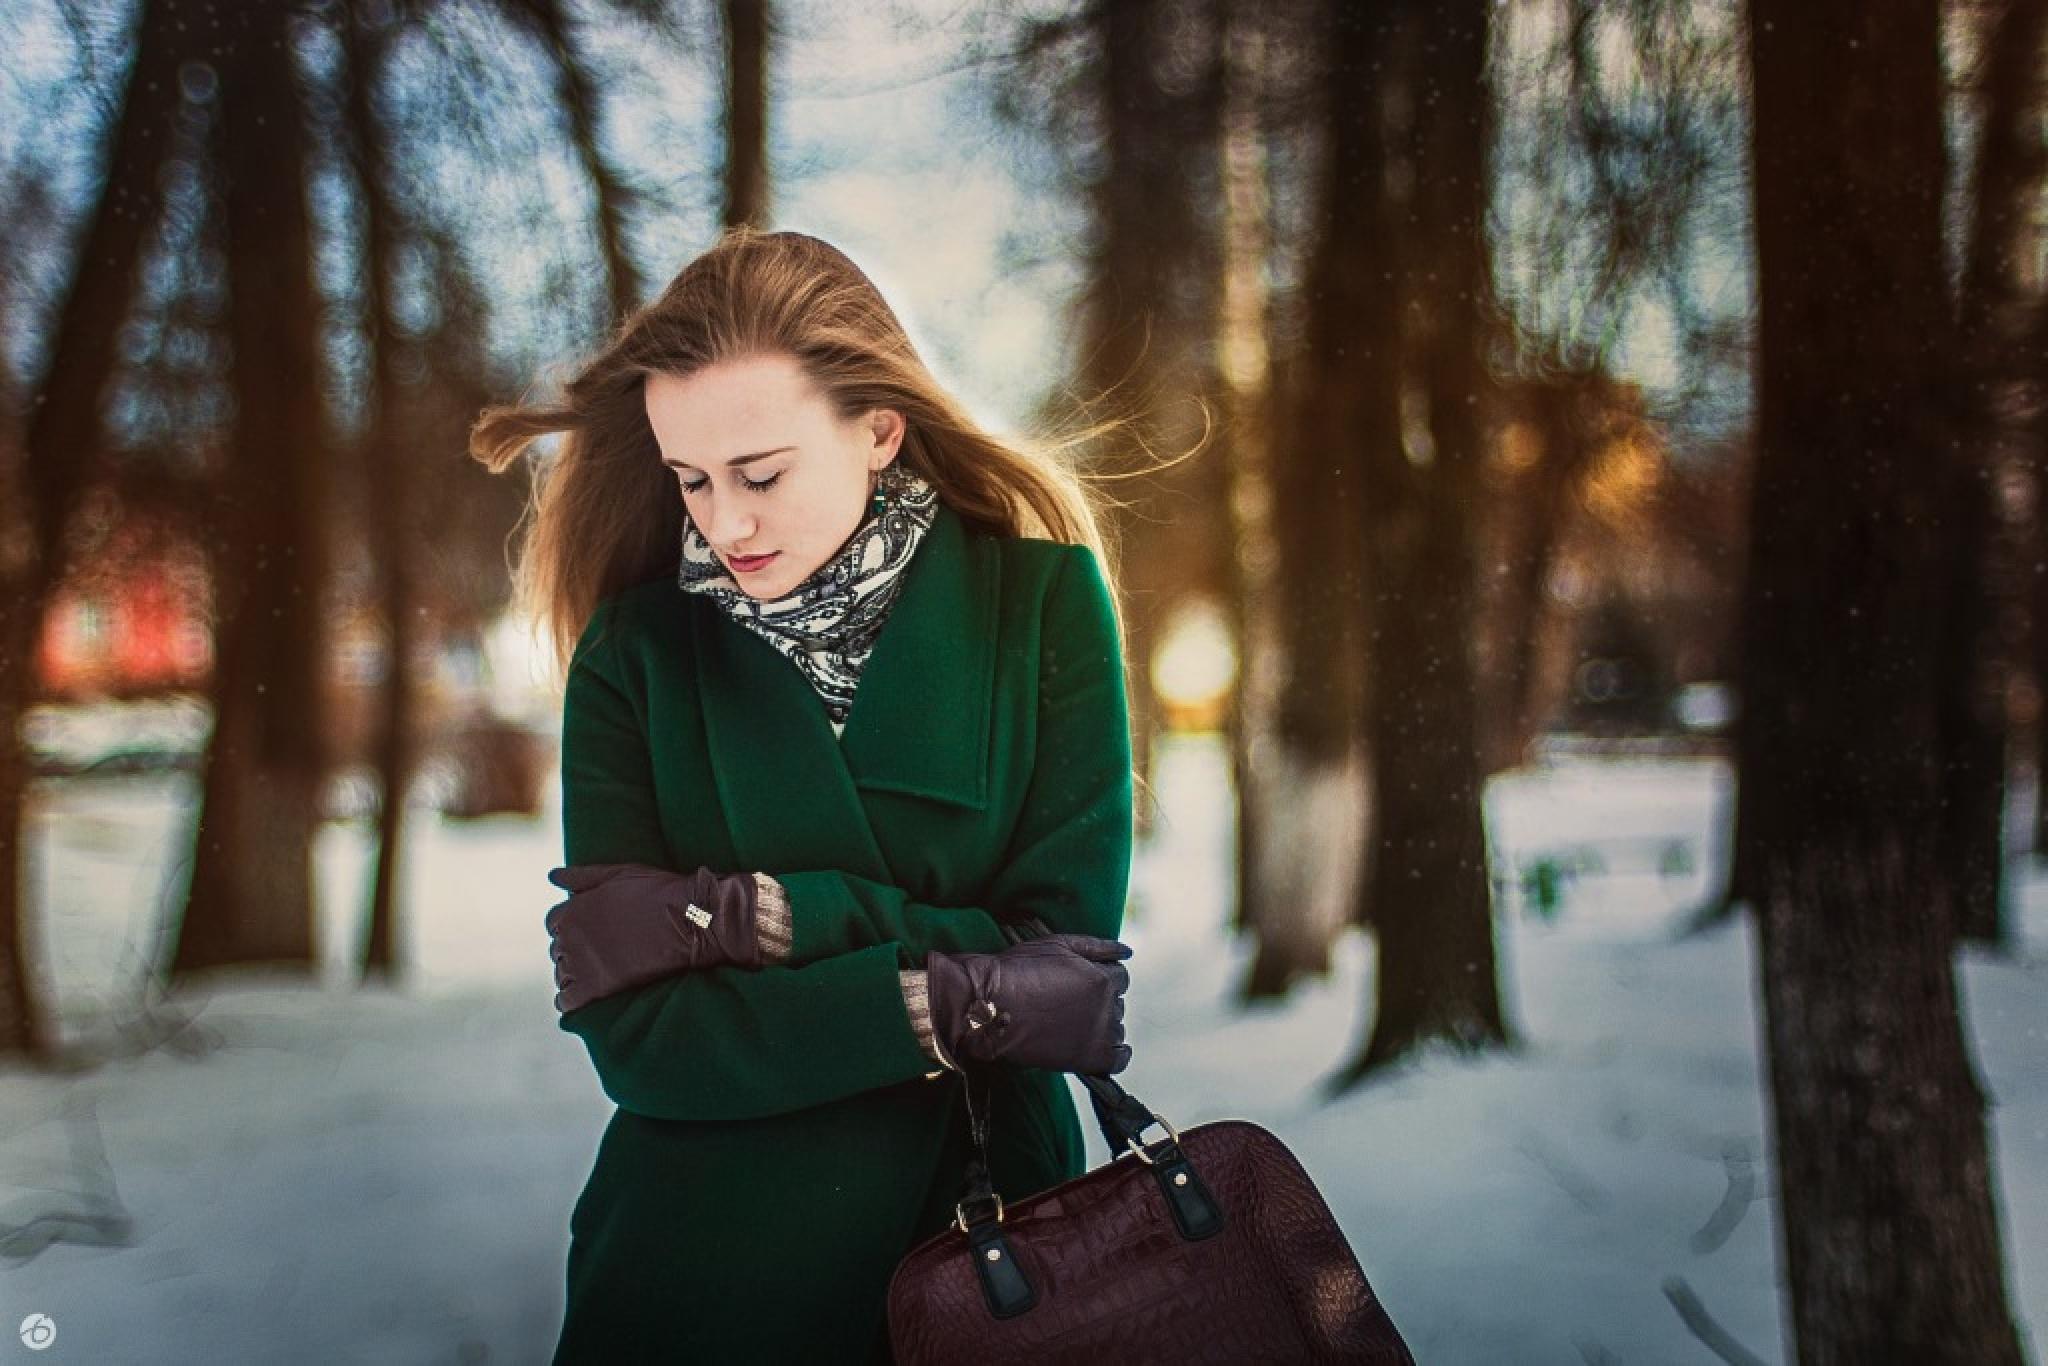 Frozen girl by inness